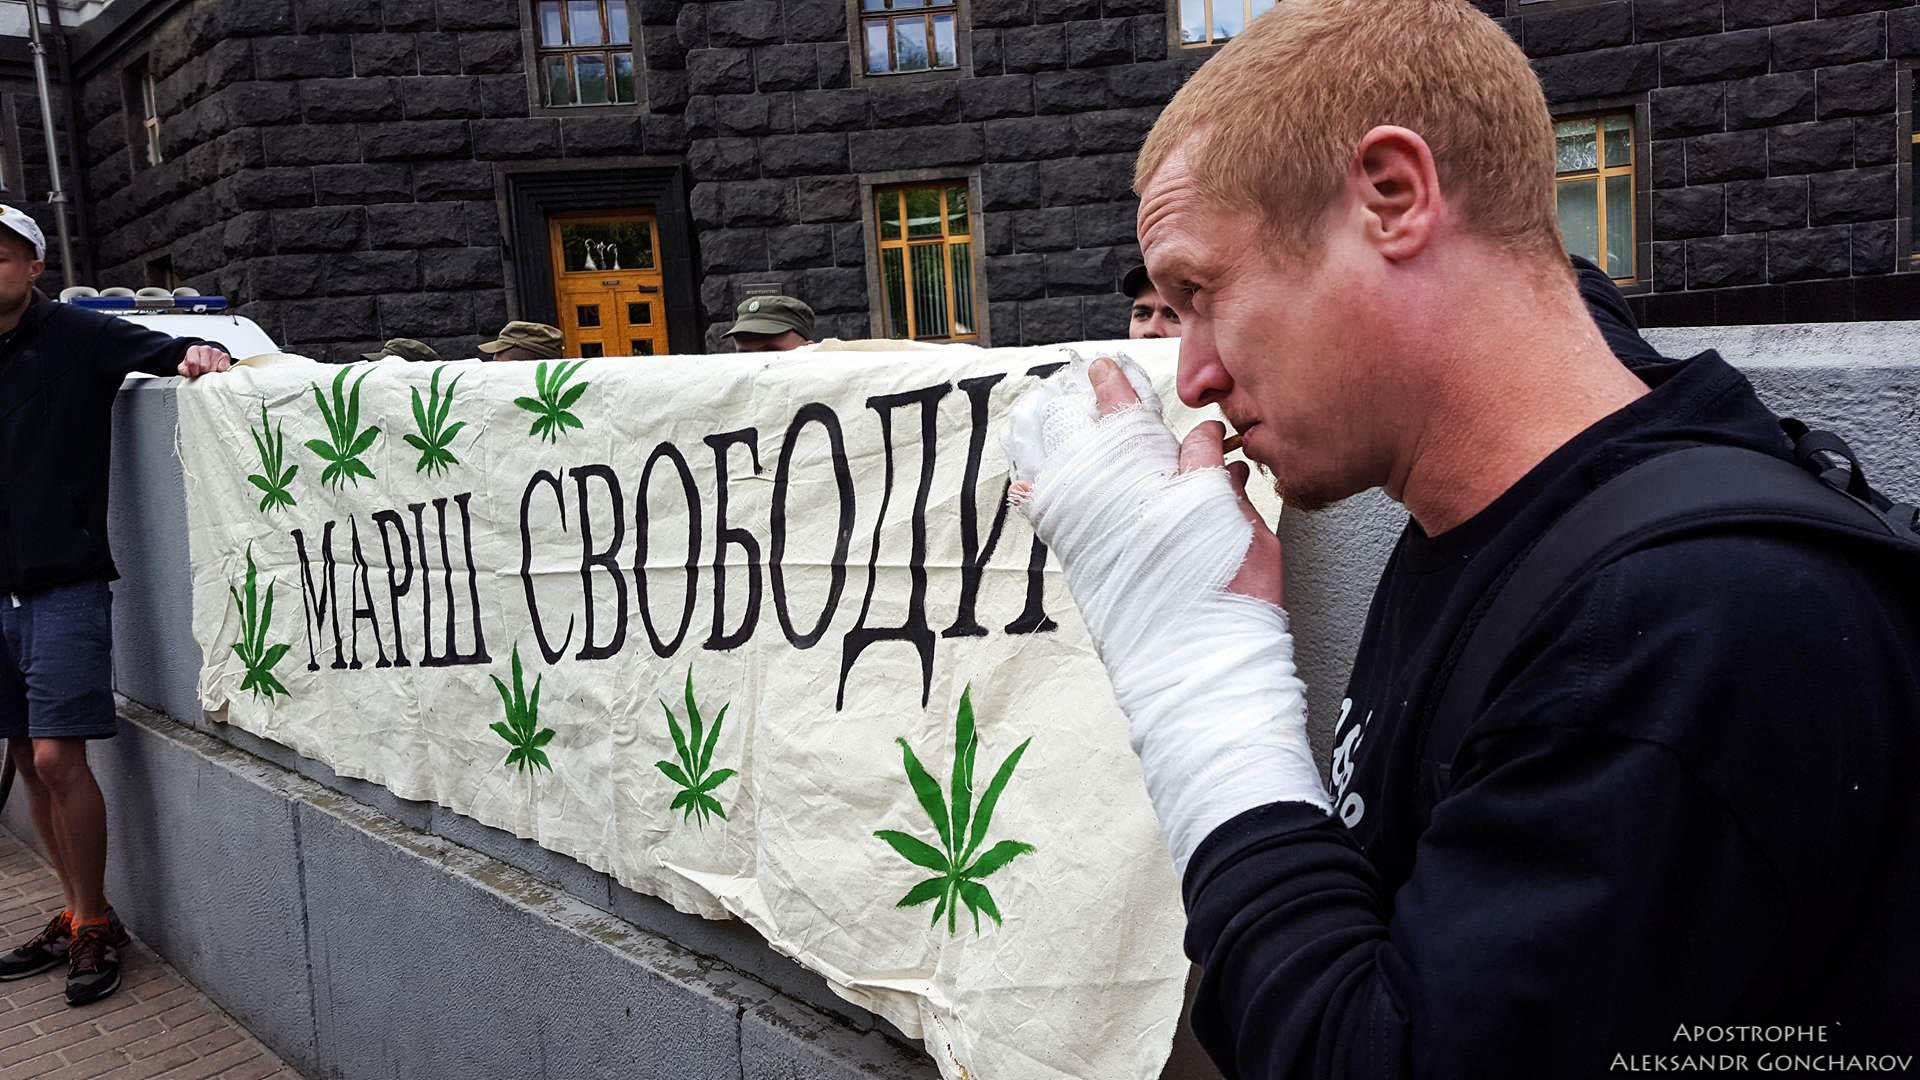 В Киеве под Кабмин принесли большие листья конопли: эксклюзивные фото/В Киеве протестовали по вопросу хранения марихуаны